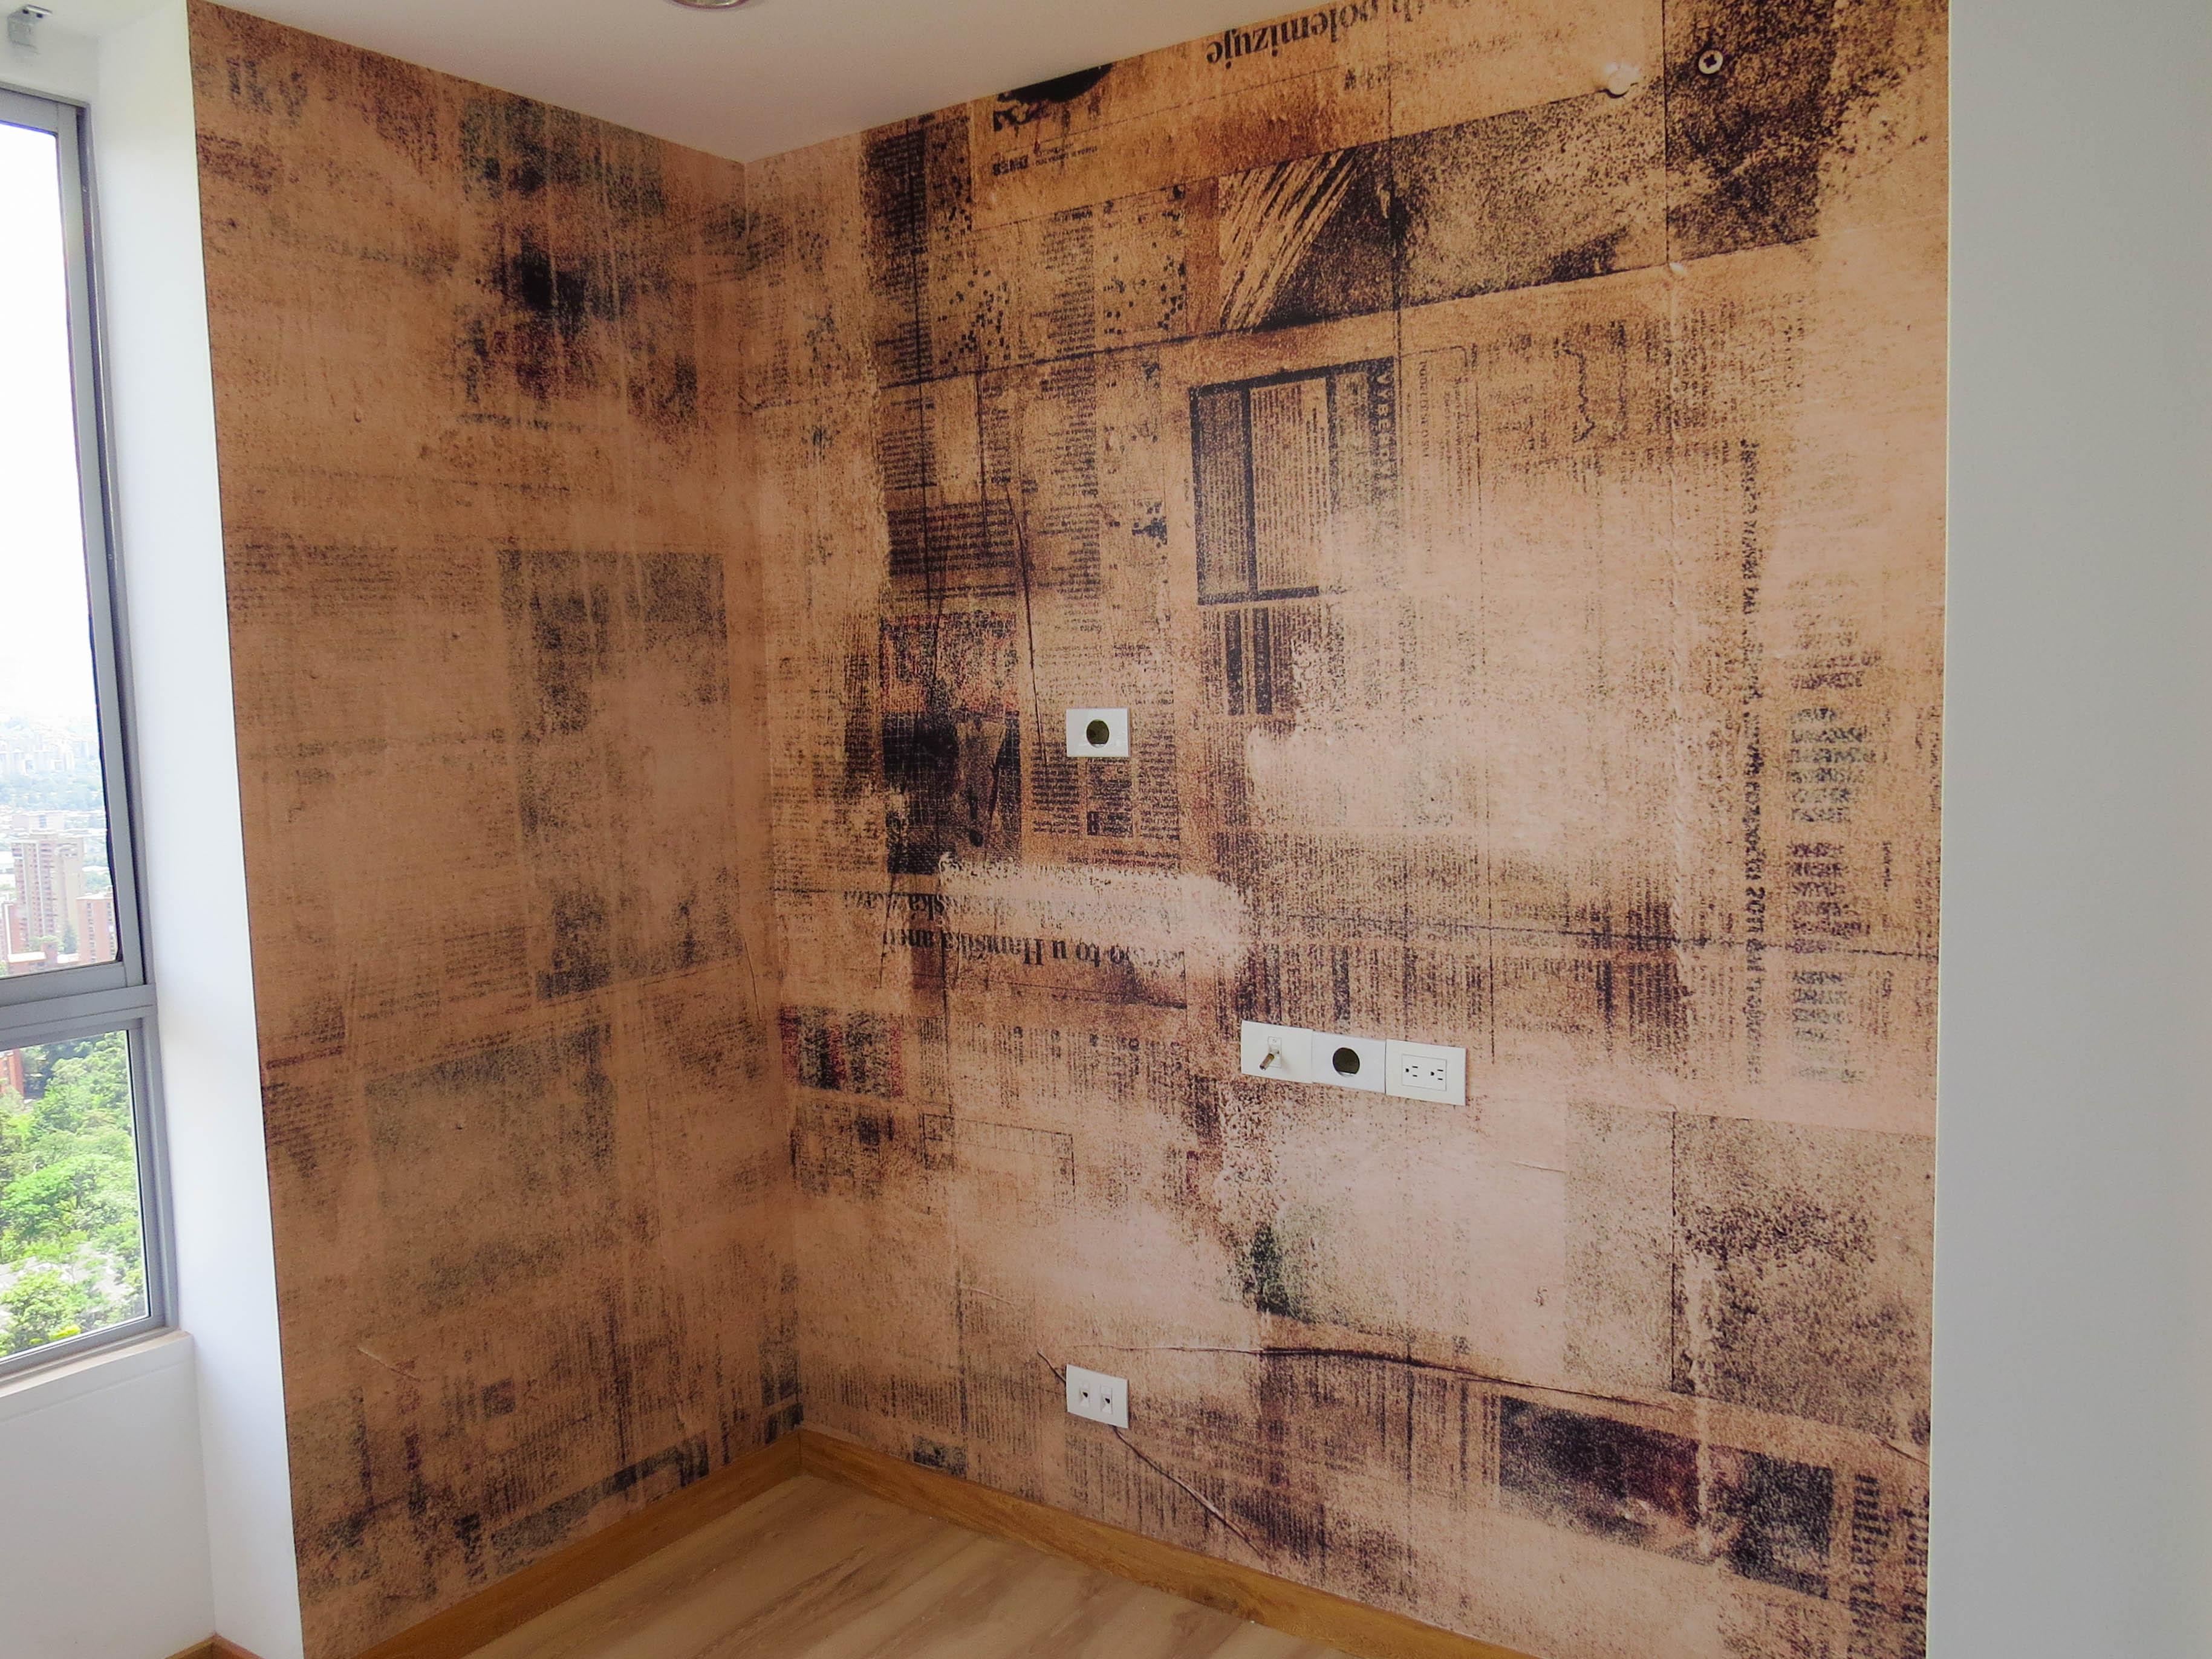 Foto Mural Textura Periodico